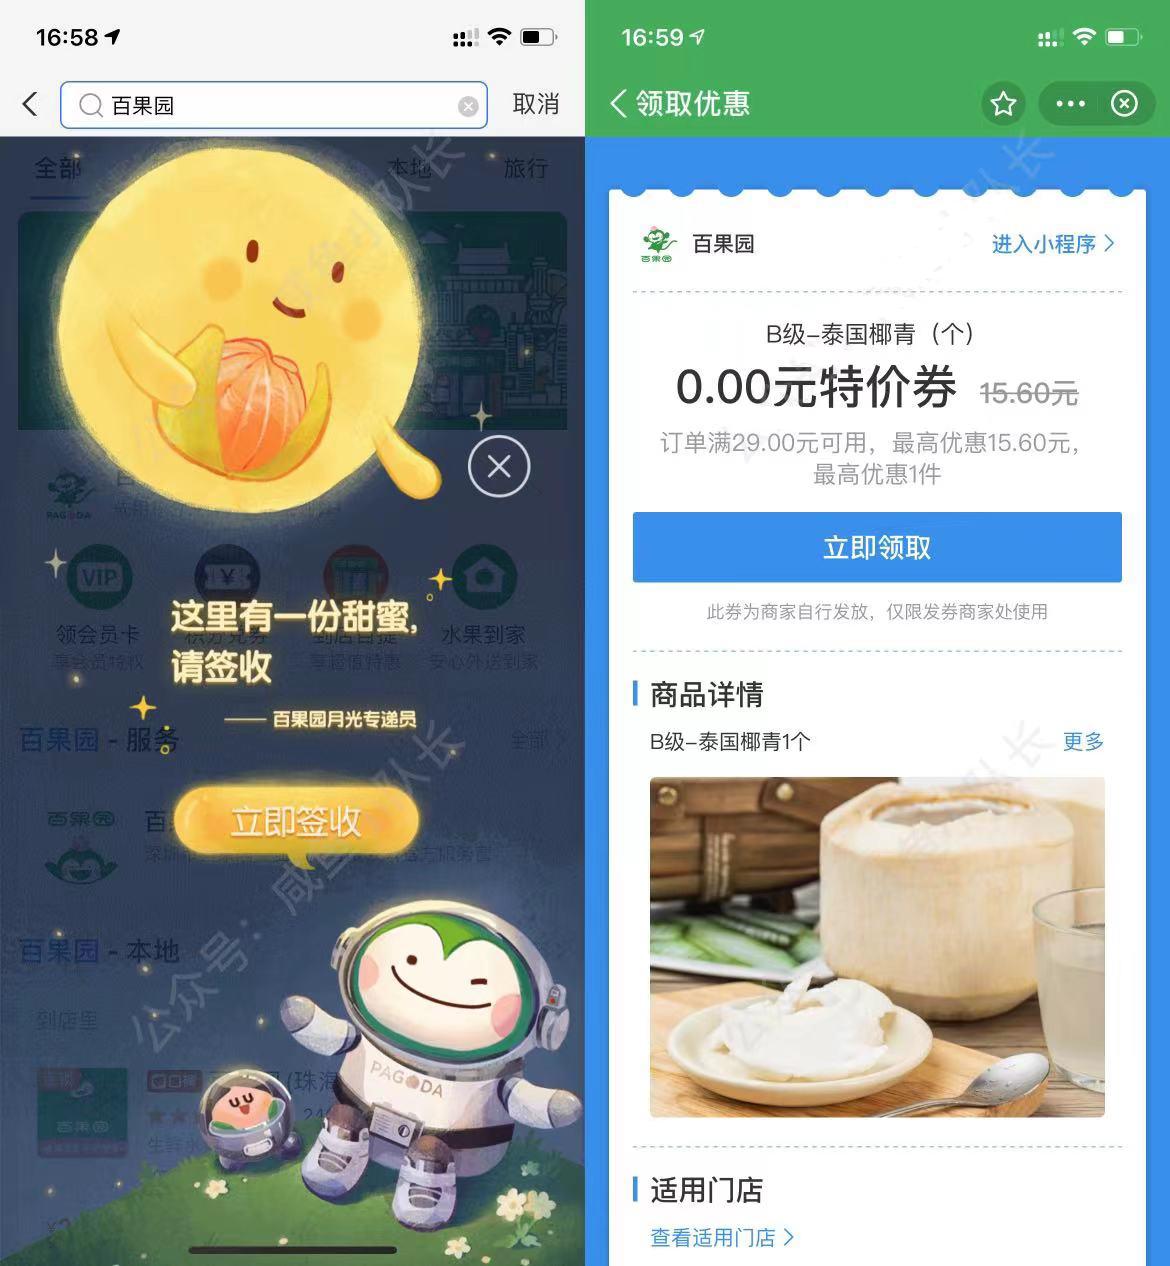 """【ZFB免费领椰青】打开APP搜索""""百果园""""点击进入领取"""